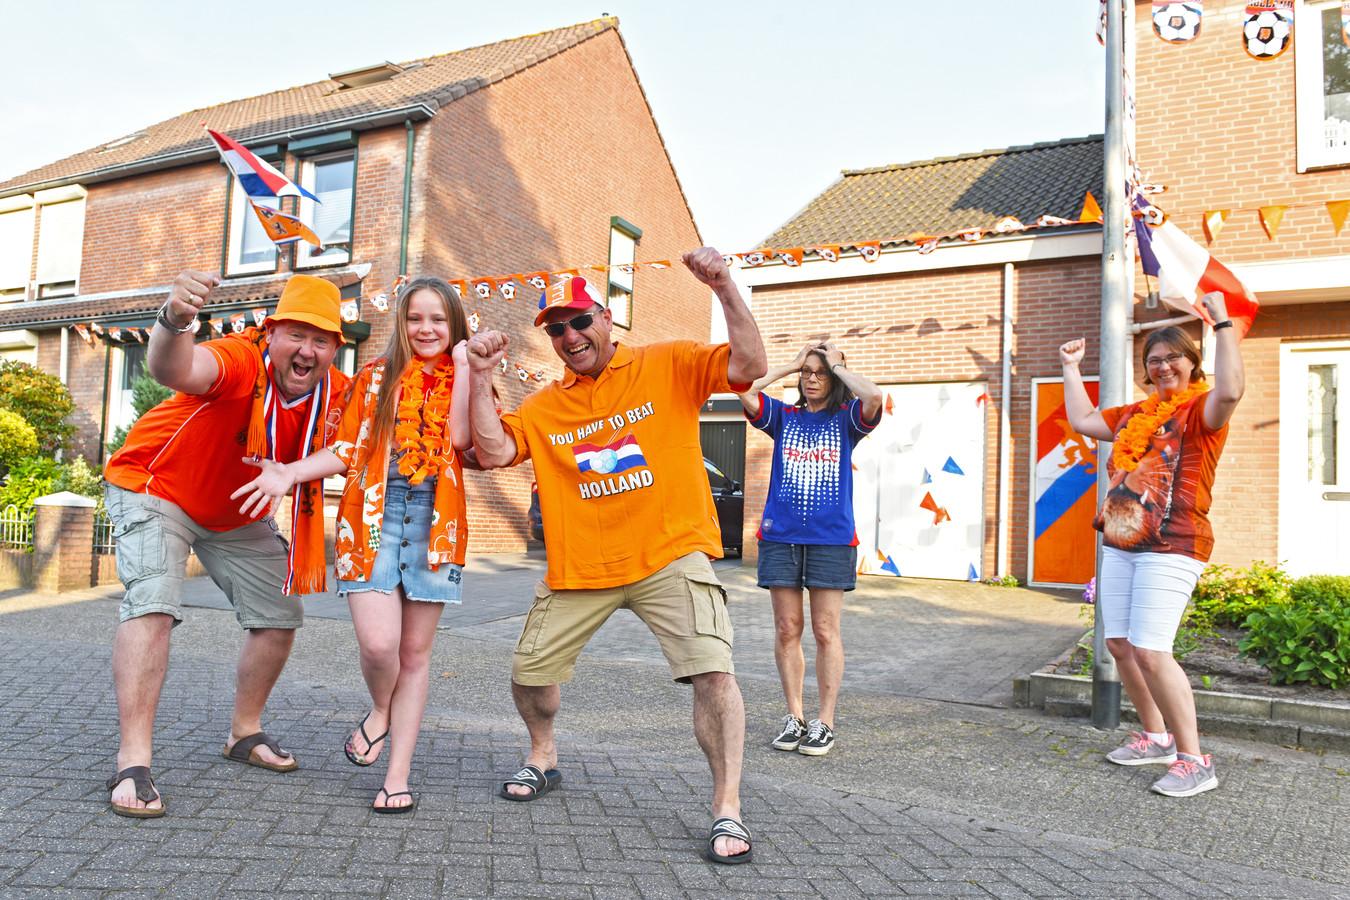 hUIJBERGEN, Pix4Profs / Casper van Aggelen, Van links naar rechts: Wilco en Joëlle van Thillo, Leon van Agtmael en zijn franse vrouw Ghislaine en buurvrouw Leonie Schlössels juichen alvast in de Buntven van Huijbergen.